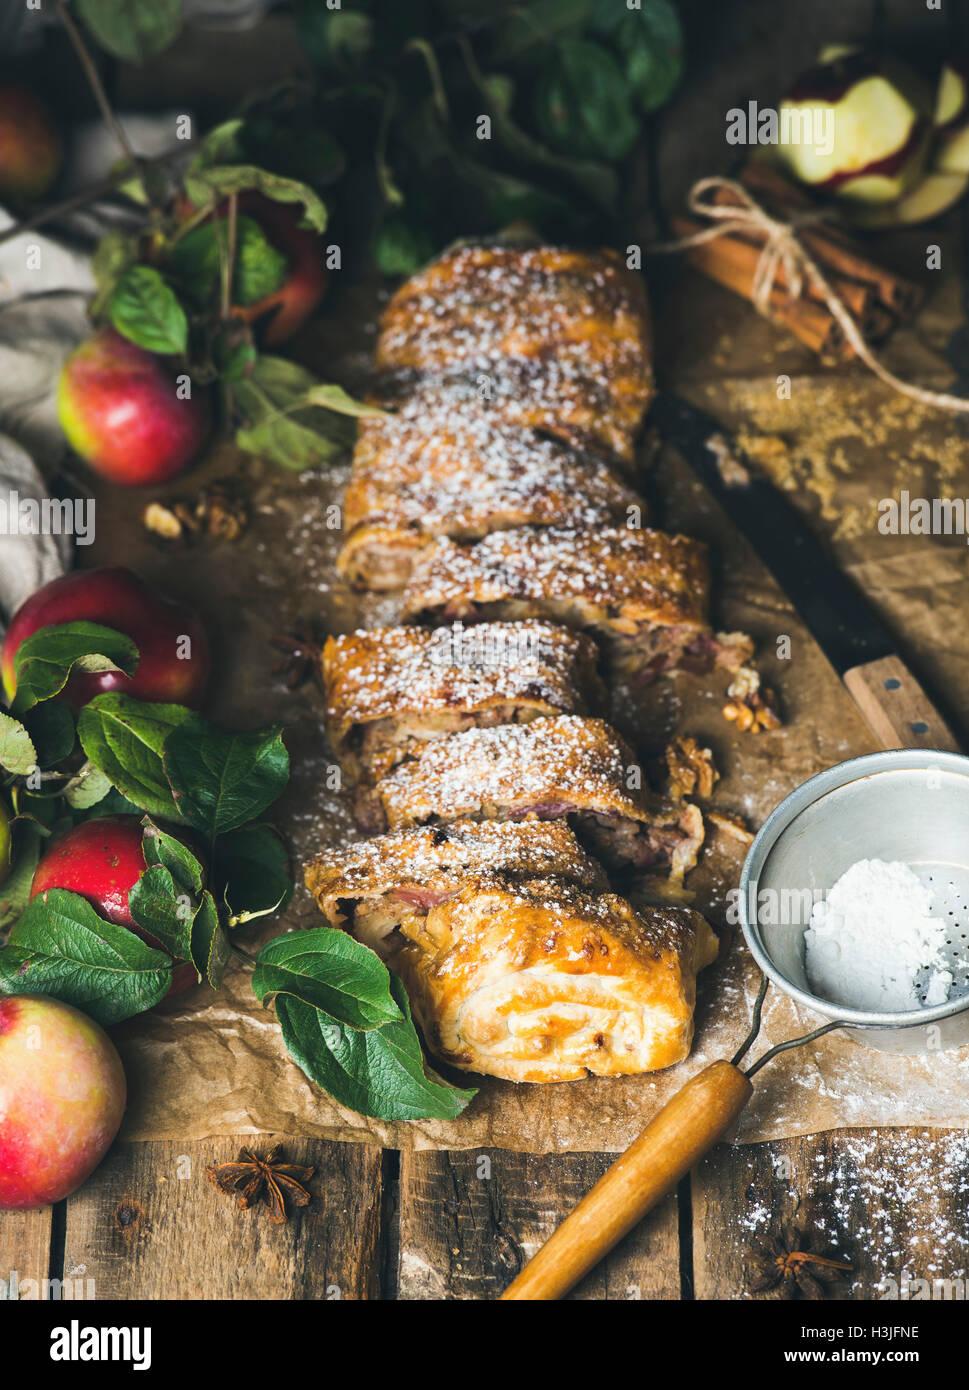 Strudel aux pommes gâteau à la cannelle, le sucre en poudre et de pommes fraîches sur fond de table Photo Stock